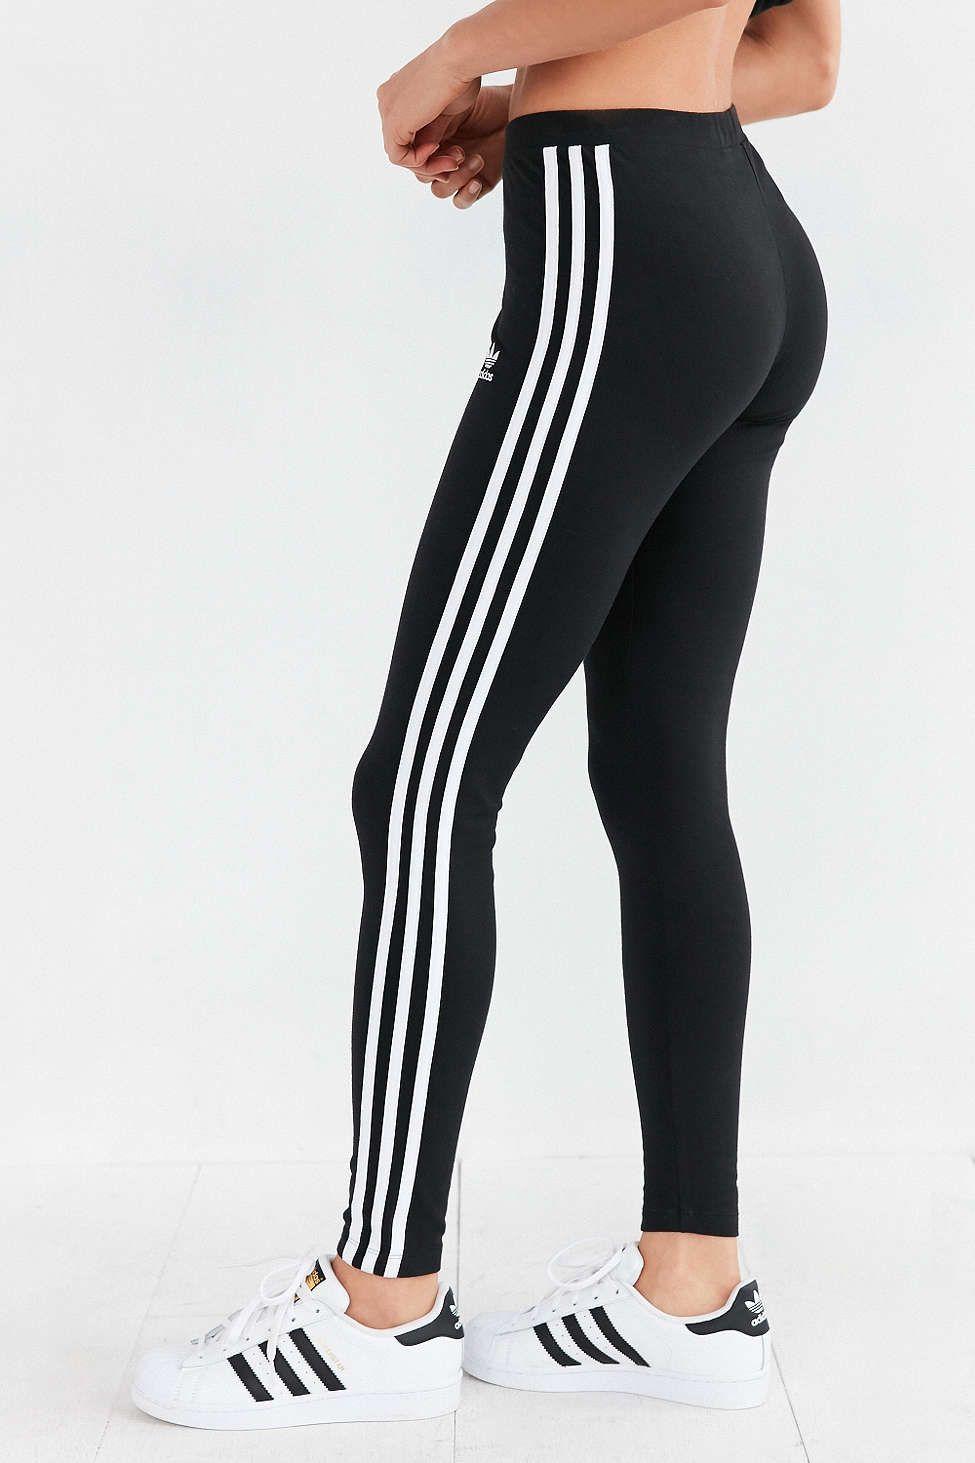 Adidas Legging 7